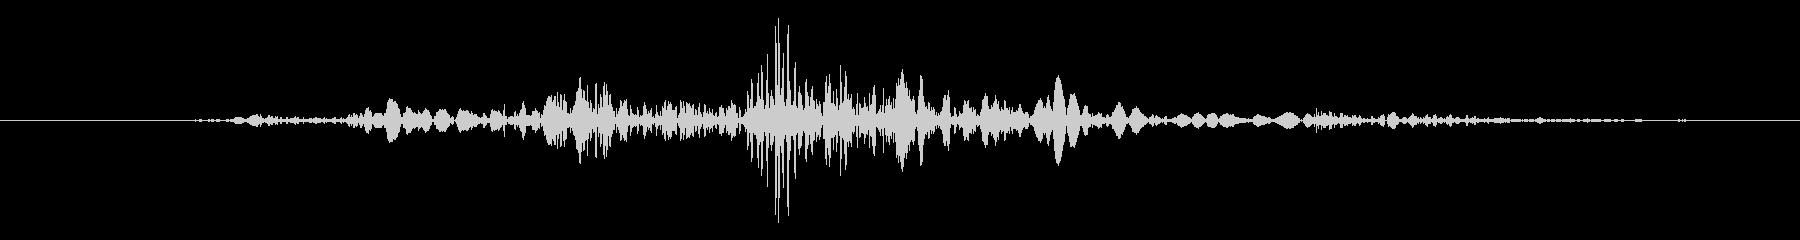 ガタッ【汎用的な物音】の未再生の波形